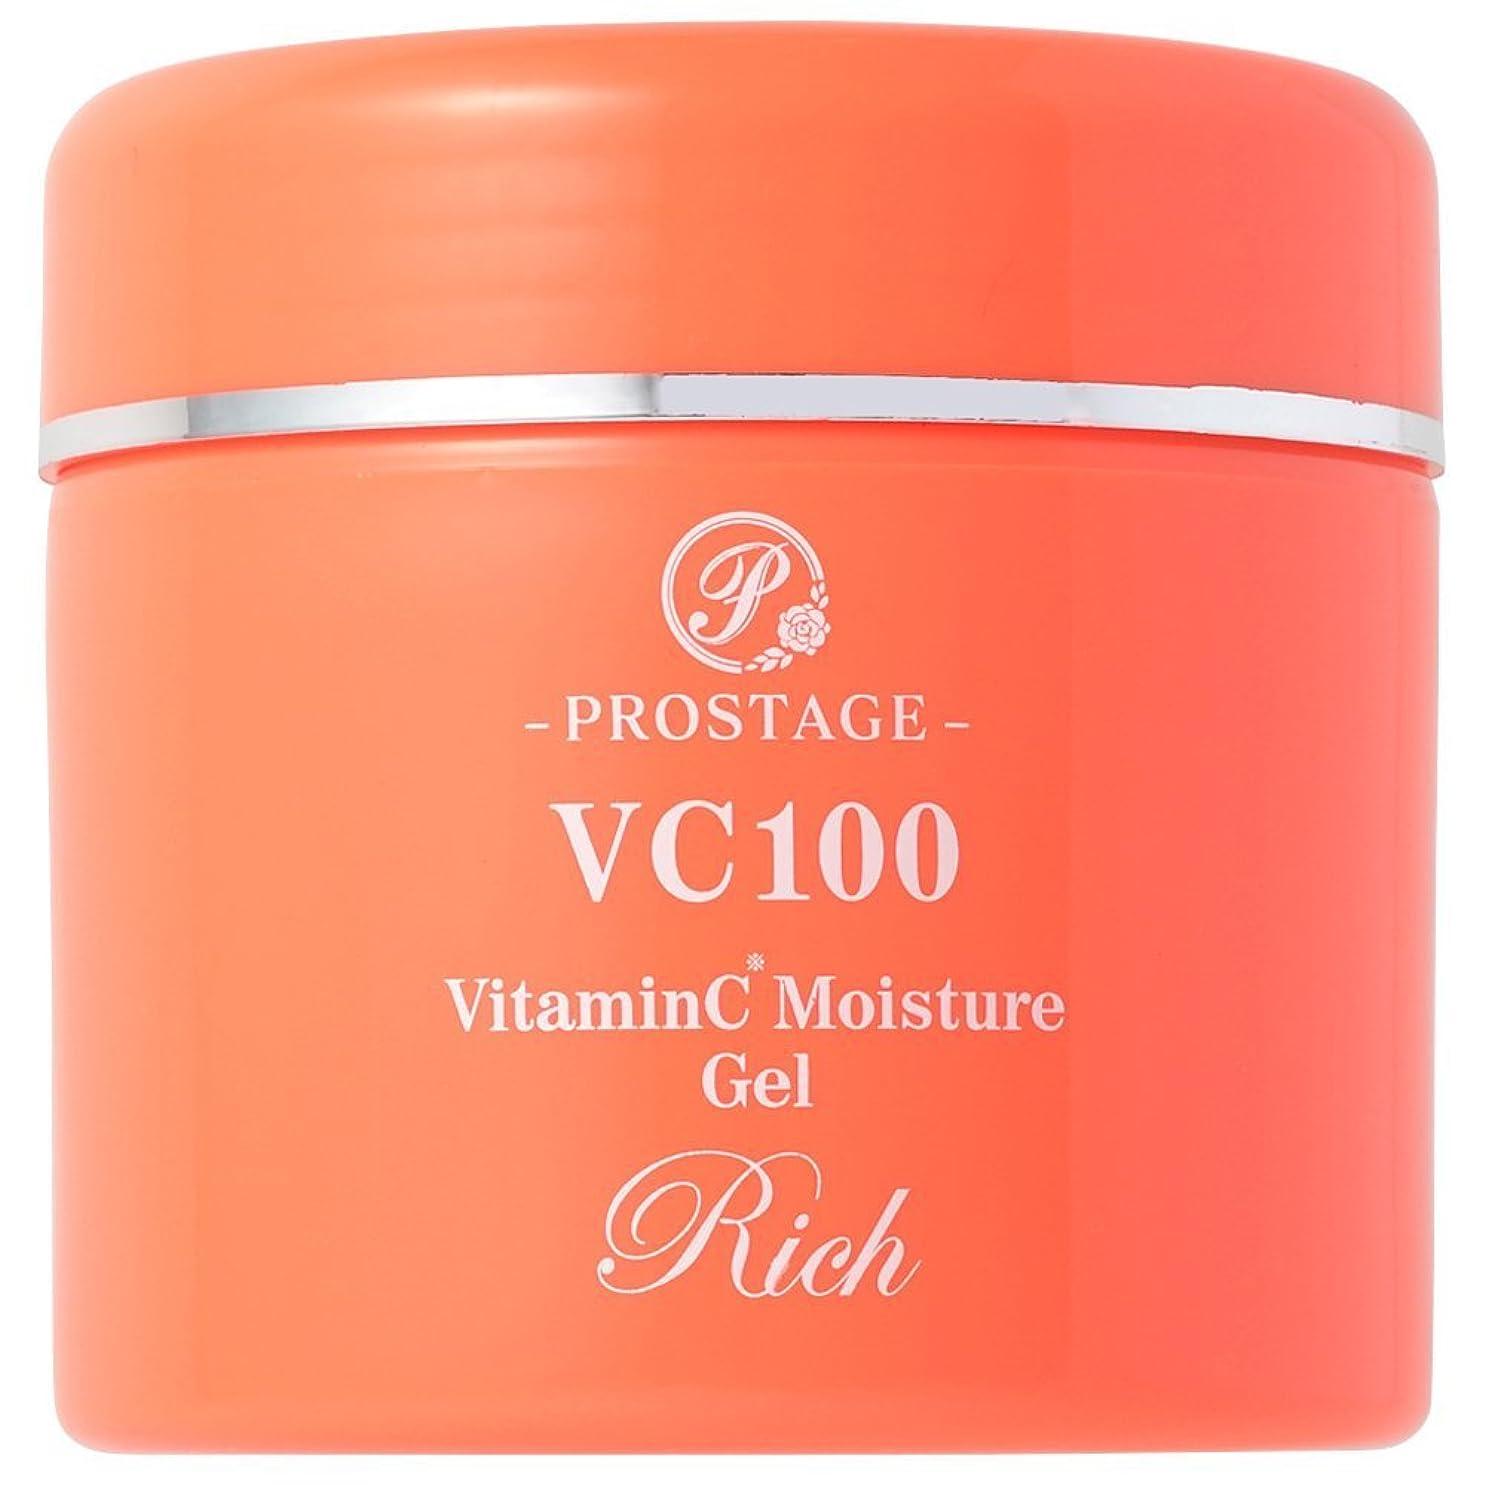 腐敗した周り繕うオールオンワンゲル 大容量【超お買い得】200g プロステージ VC100 VitaminC Moisture gel Rich ビタミンC モイスチャー オールインワンゲル リッチ 100倍浸透型ビタミンC 誘導体配合濃密ゲル APPS配合